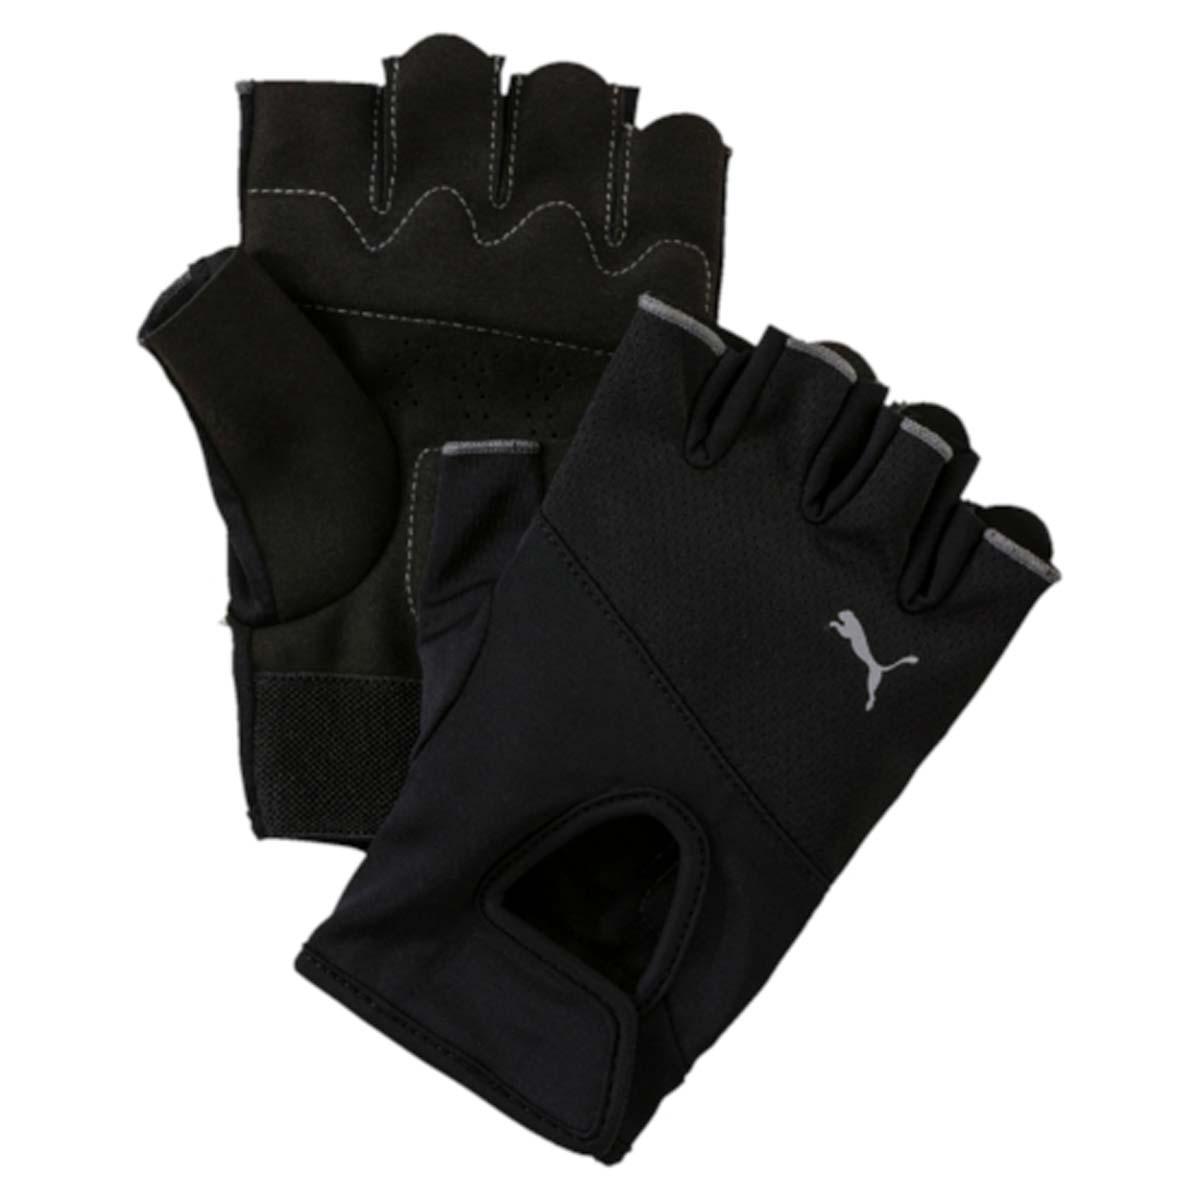 Перчатки для фитнеса Puma Tr Gloves, цвет: черный. 04129501. Размер L (10) полотенца банные puma полотенце puma tr towel